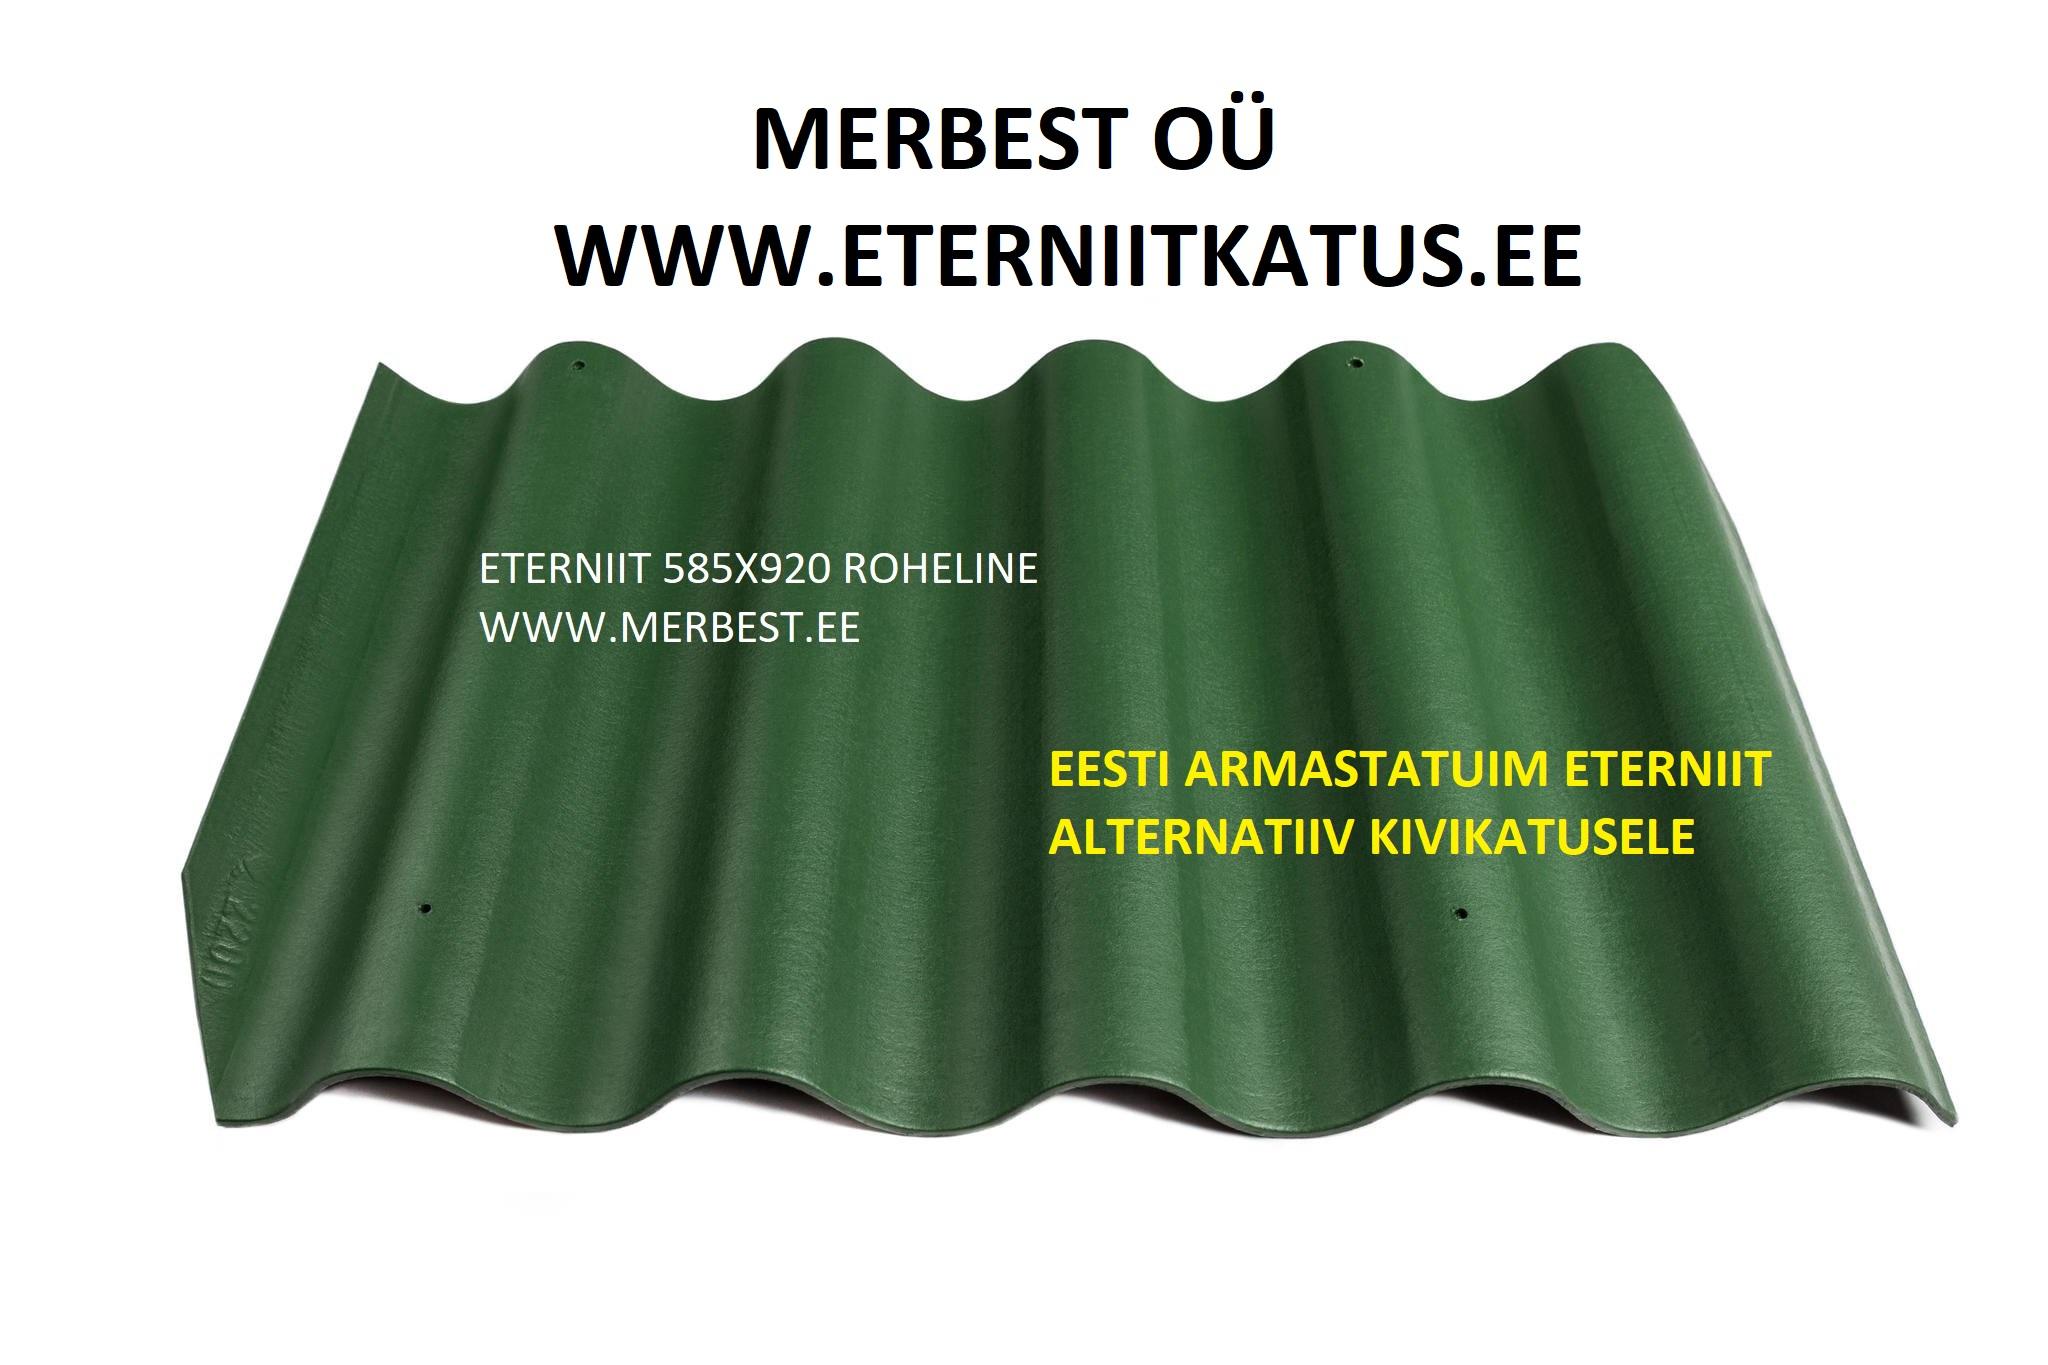 Eterniit roheline